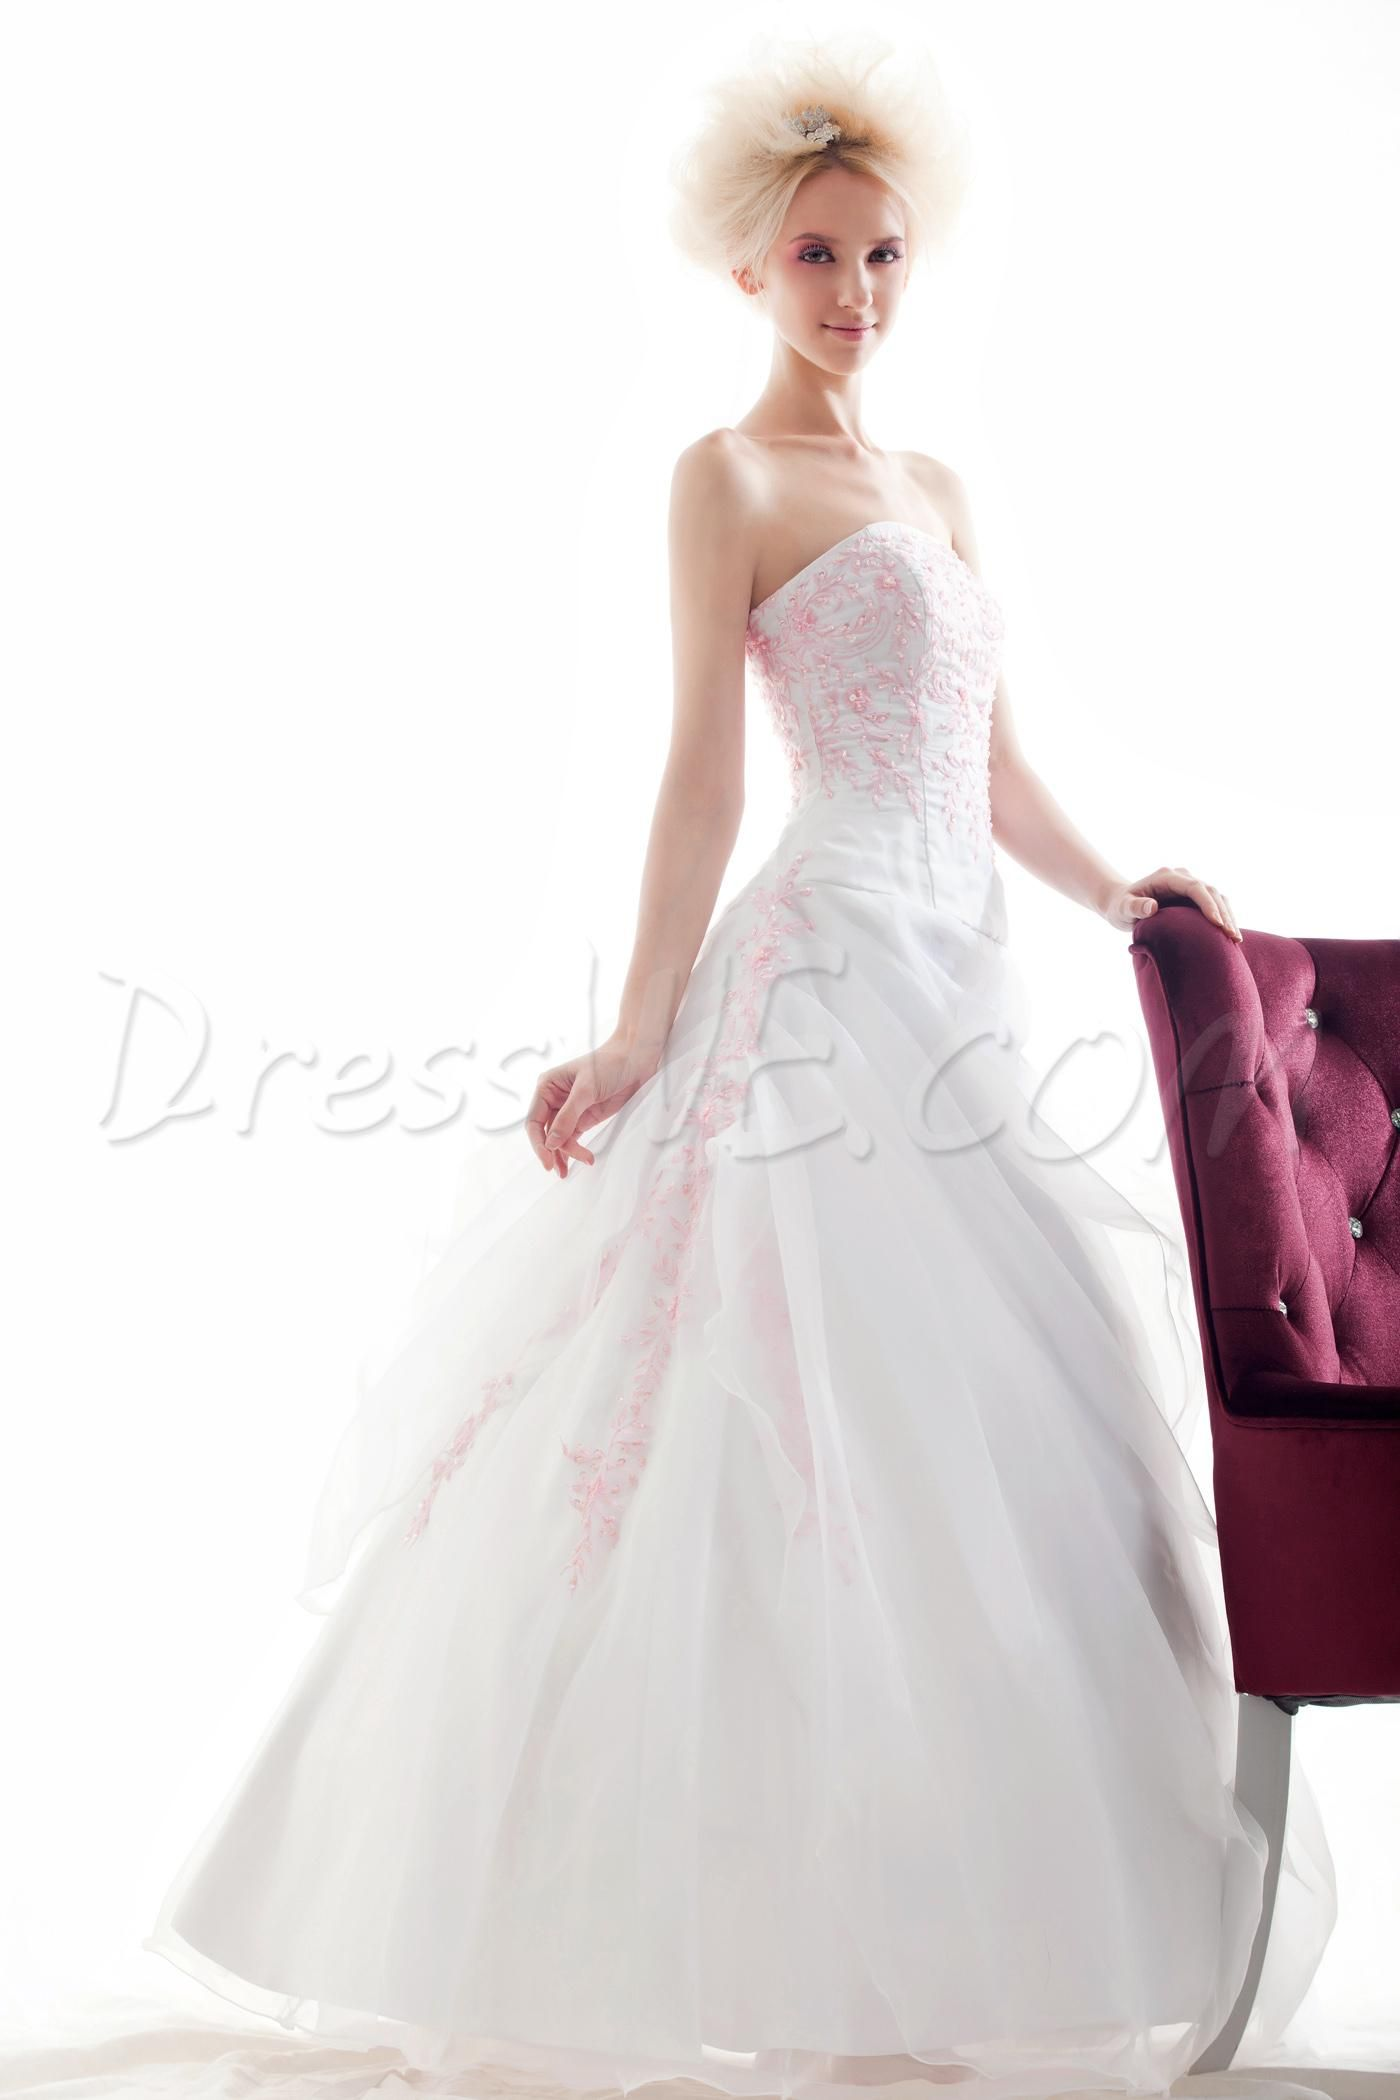 Dresswe supplies quinceanera ball dress nastyeus prom dress